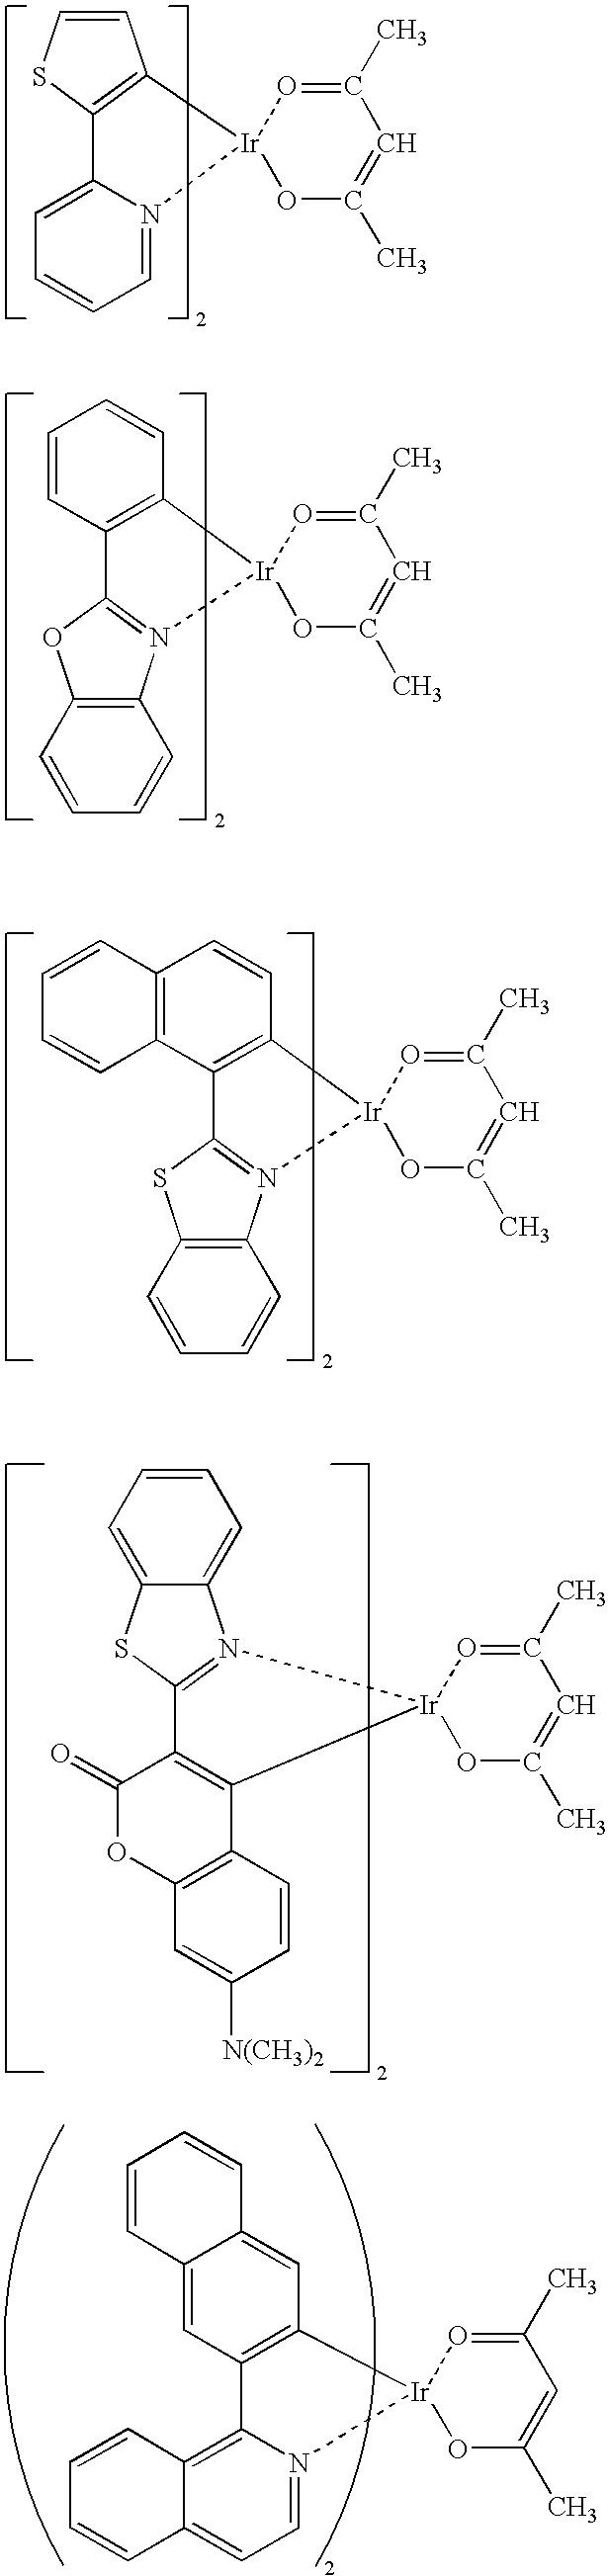 Figure US20100171109A1-20100708-C00158